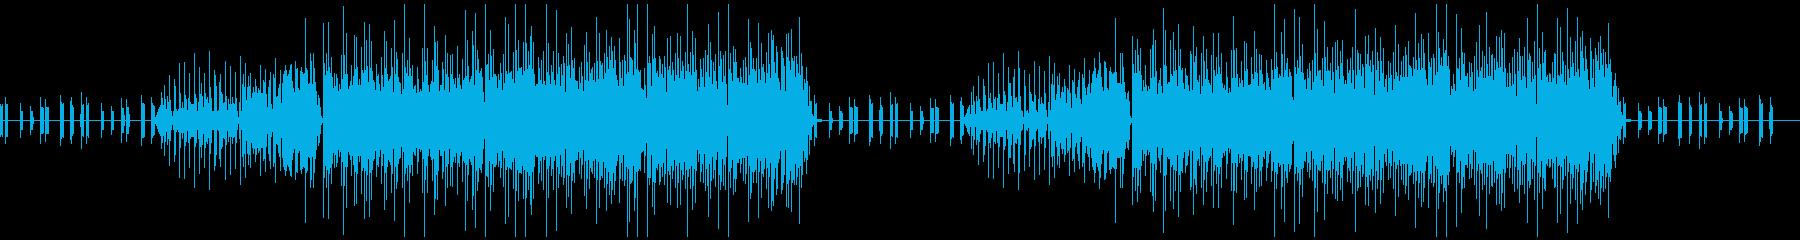 企業VP・コーポレート / EDM:2の再生済みの波形